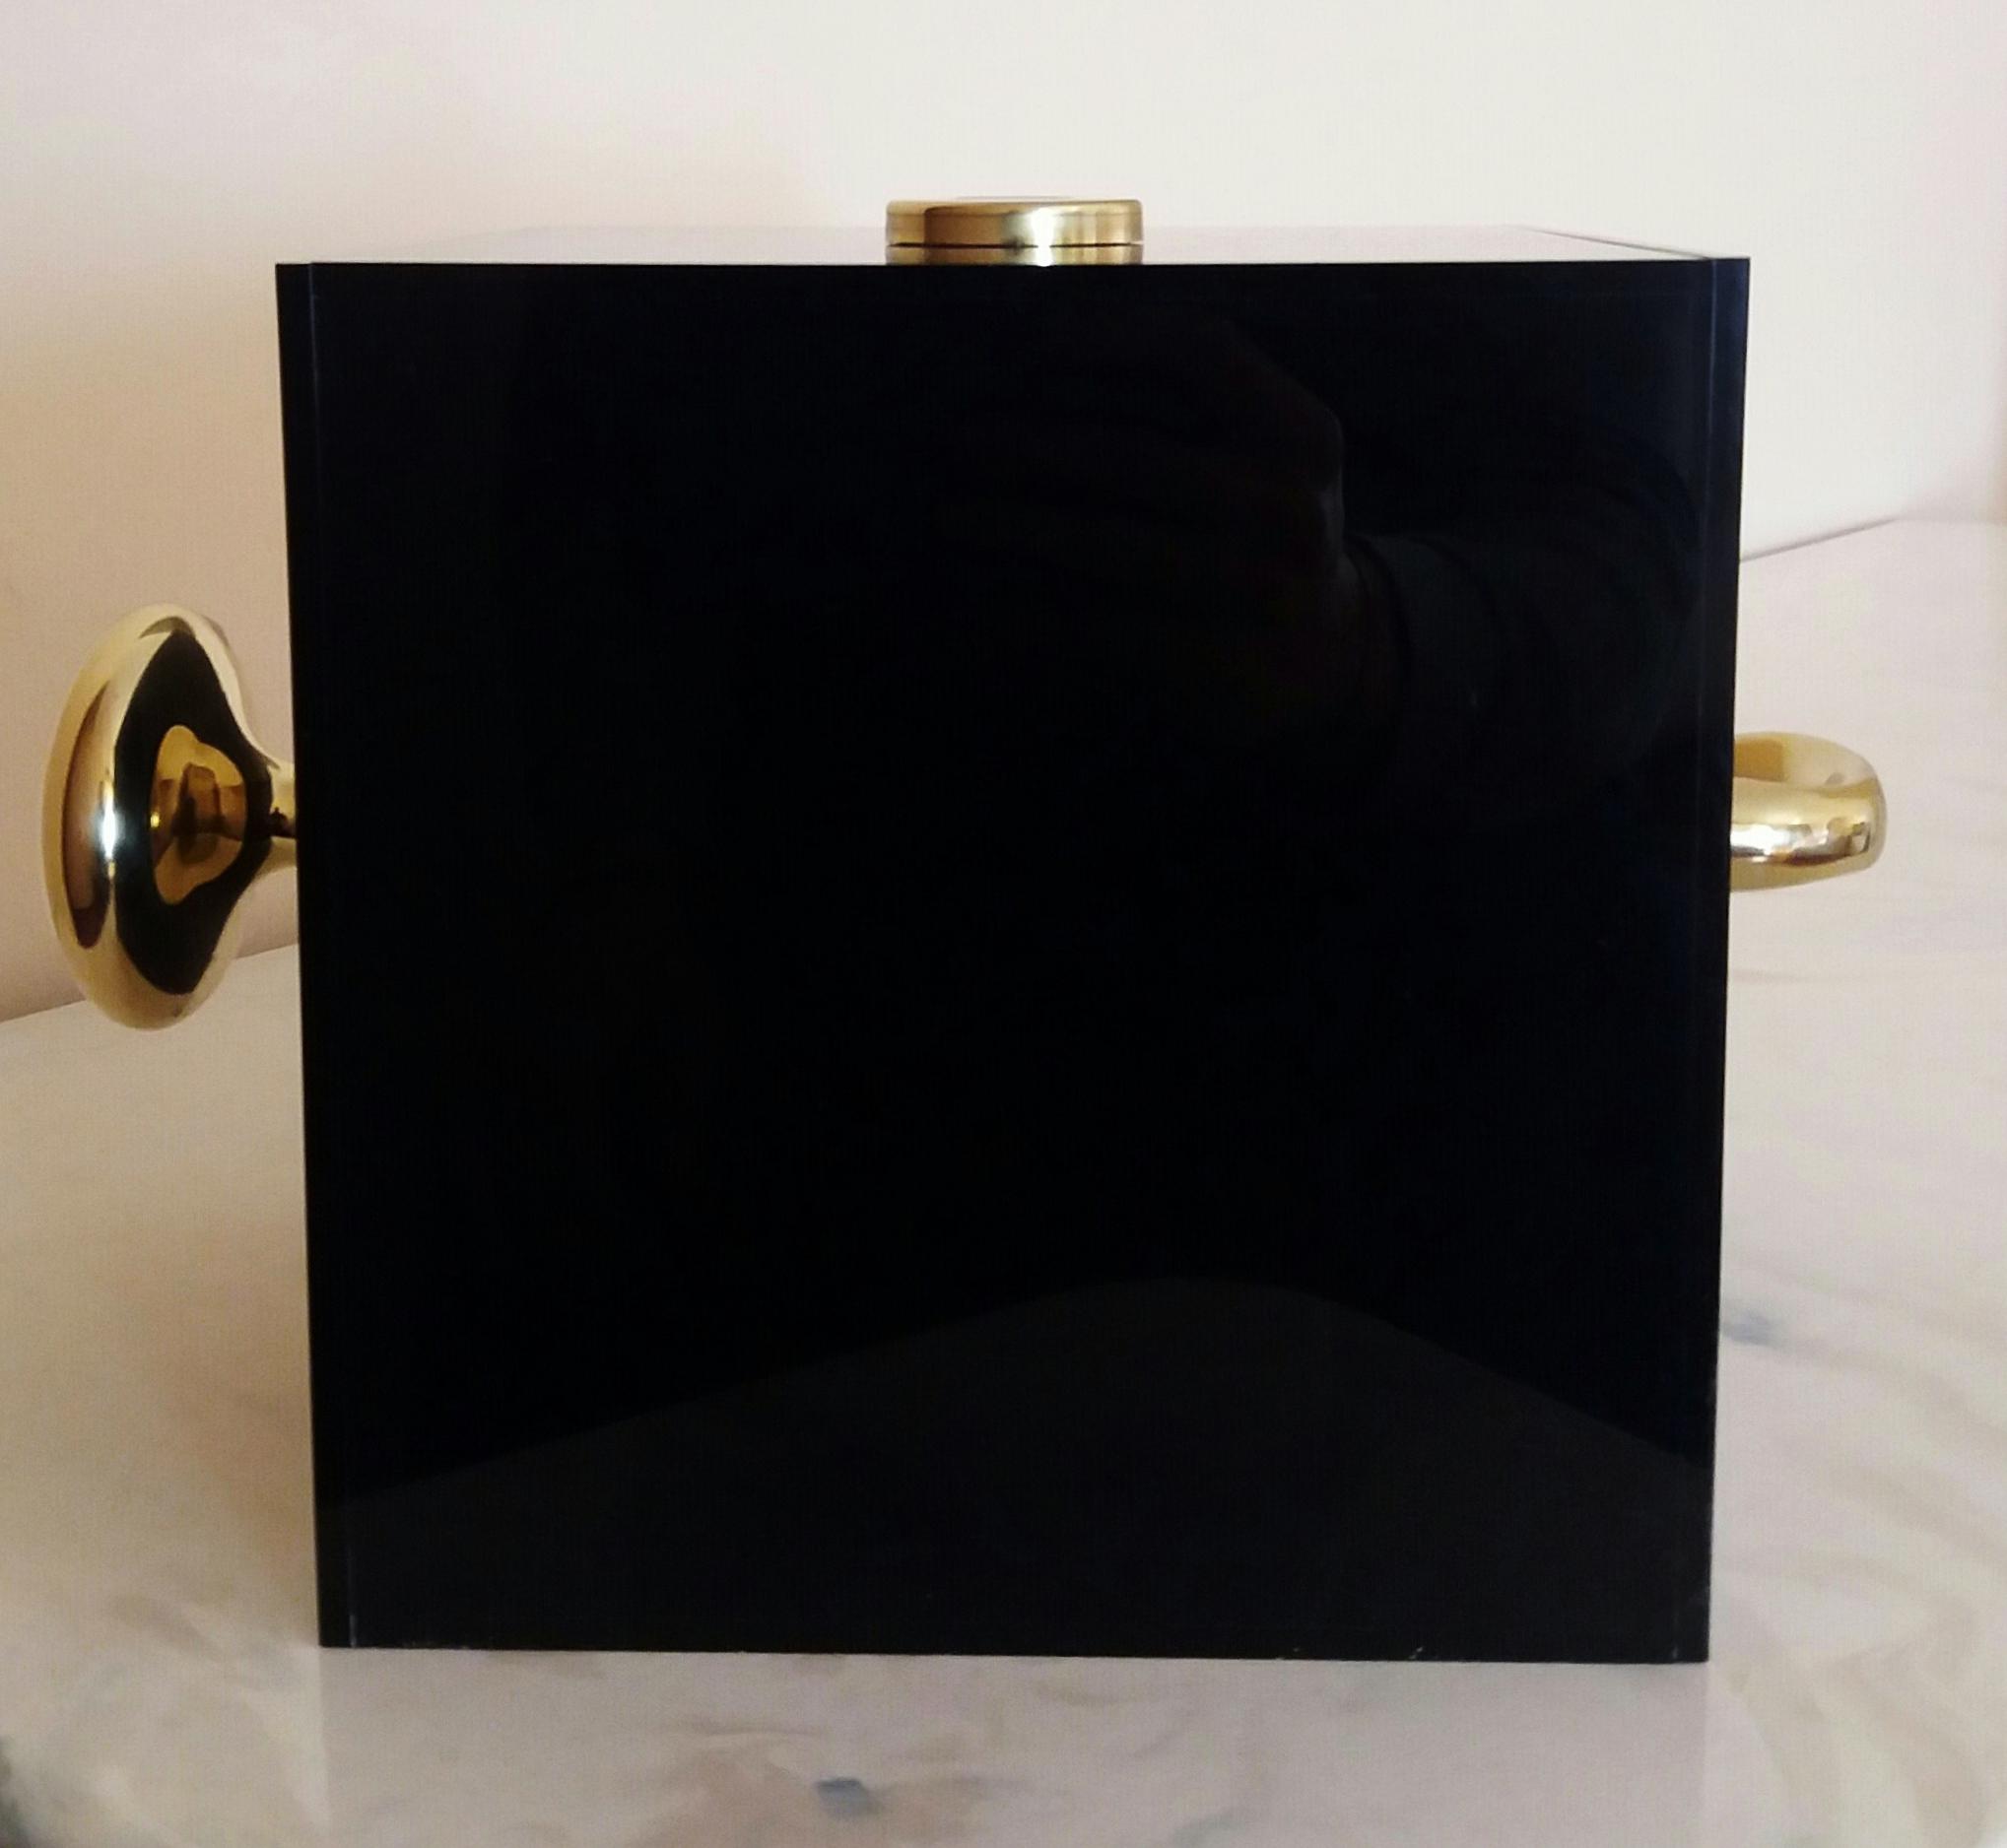 Cubo d'entrata primordiale_004